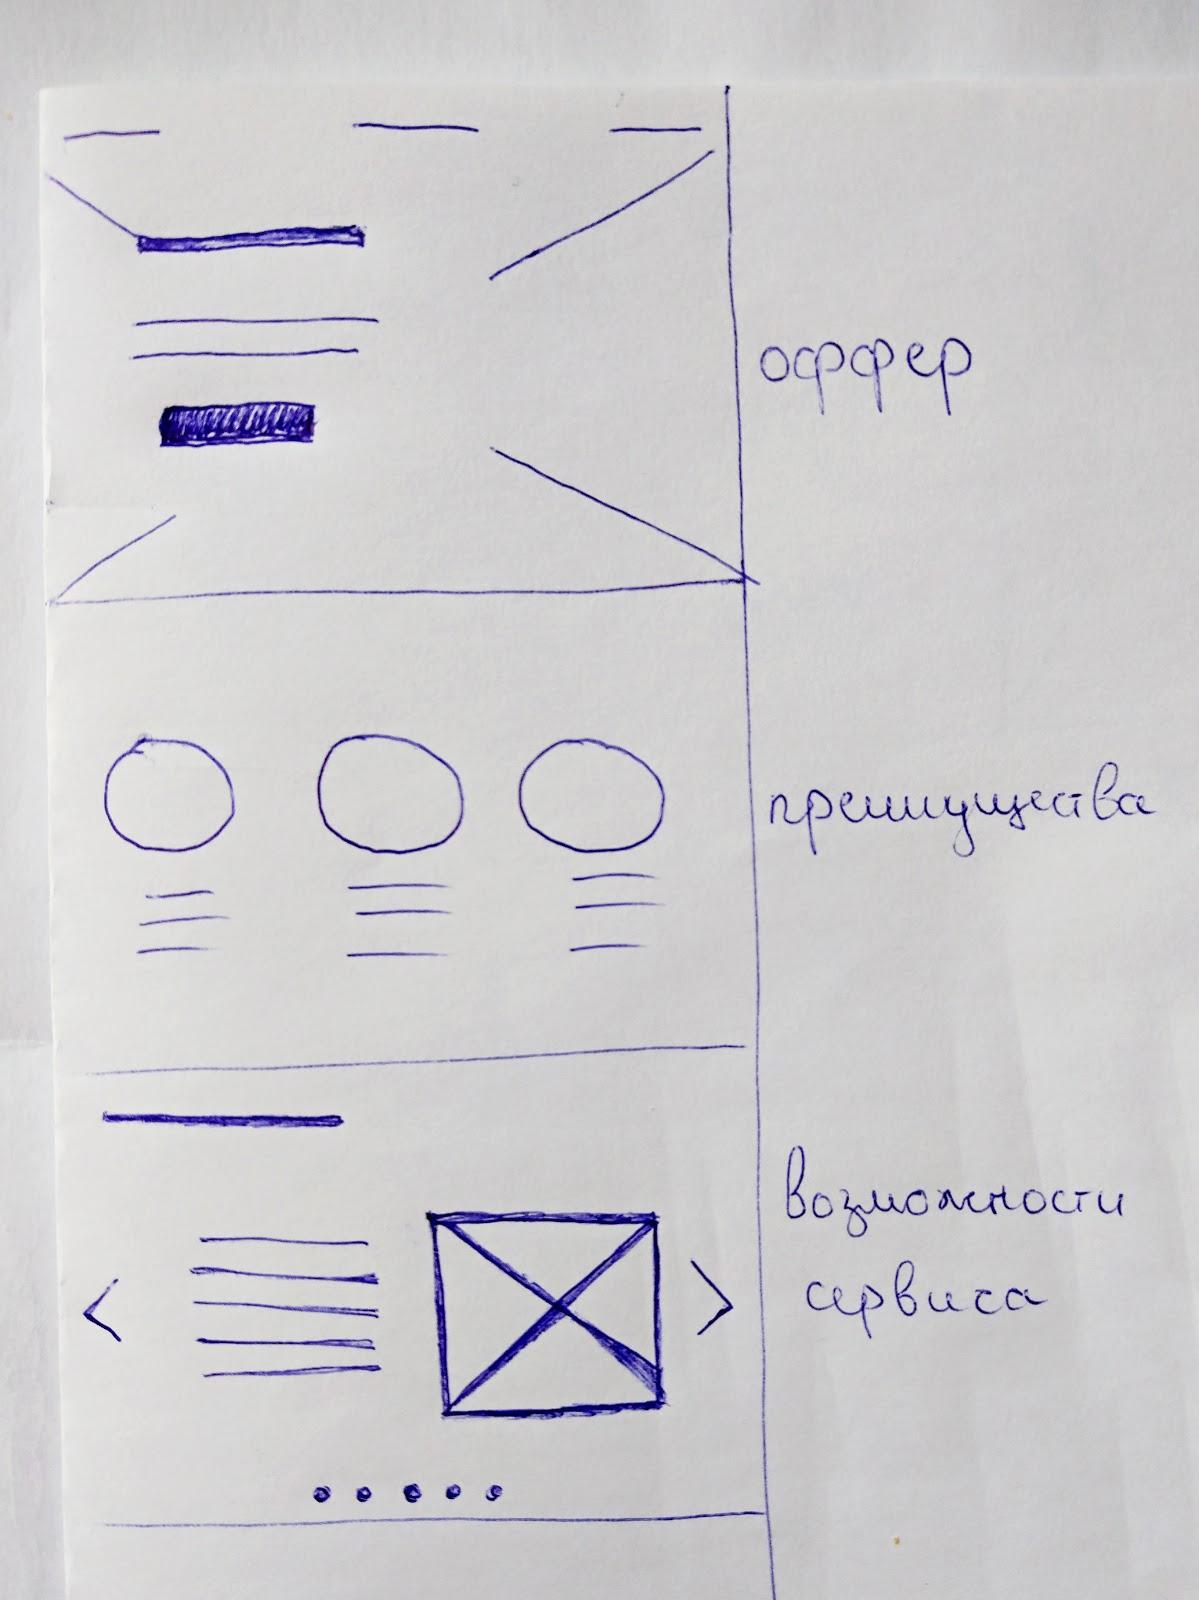 Фрагмент прототипа